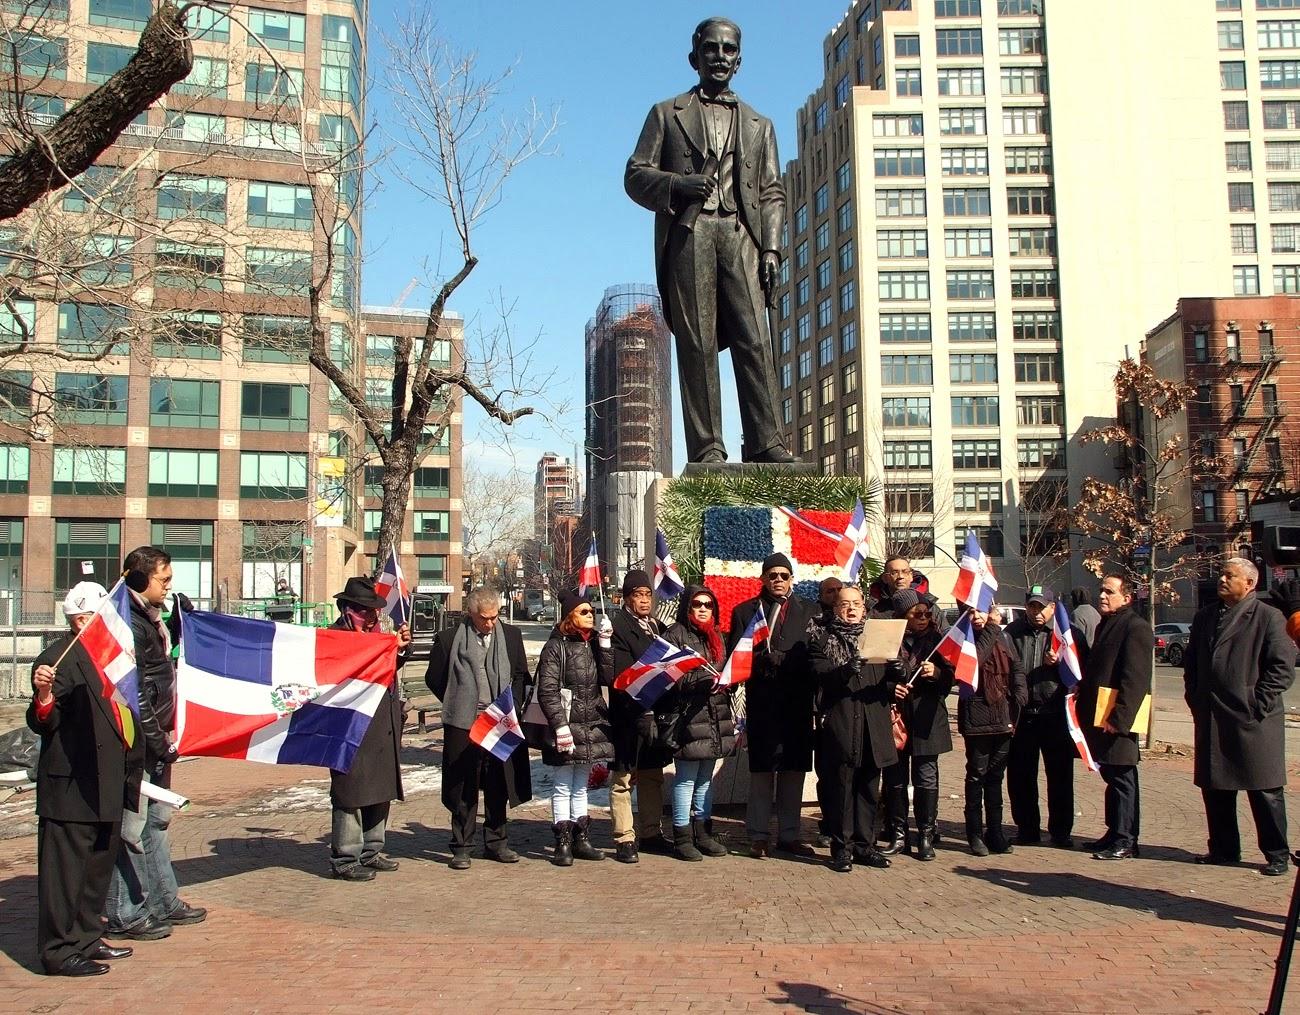 Consulado Dominicano en NY y organizaciones honran legado de Duarte en ofrenda floral